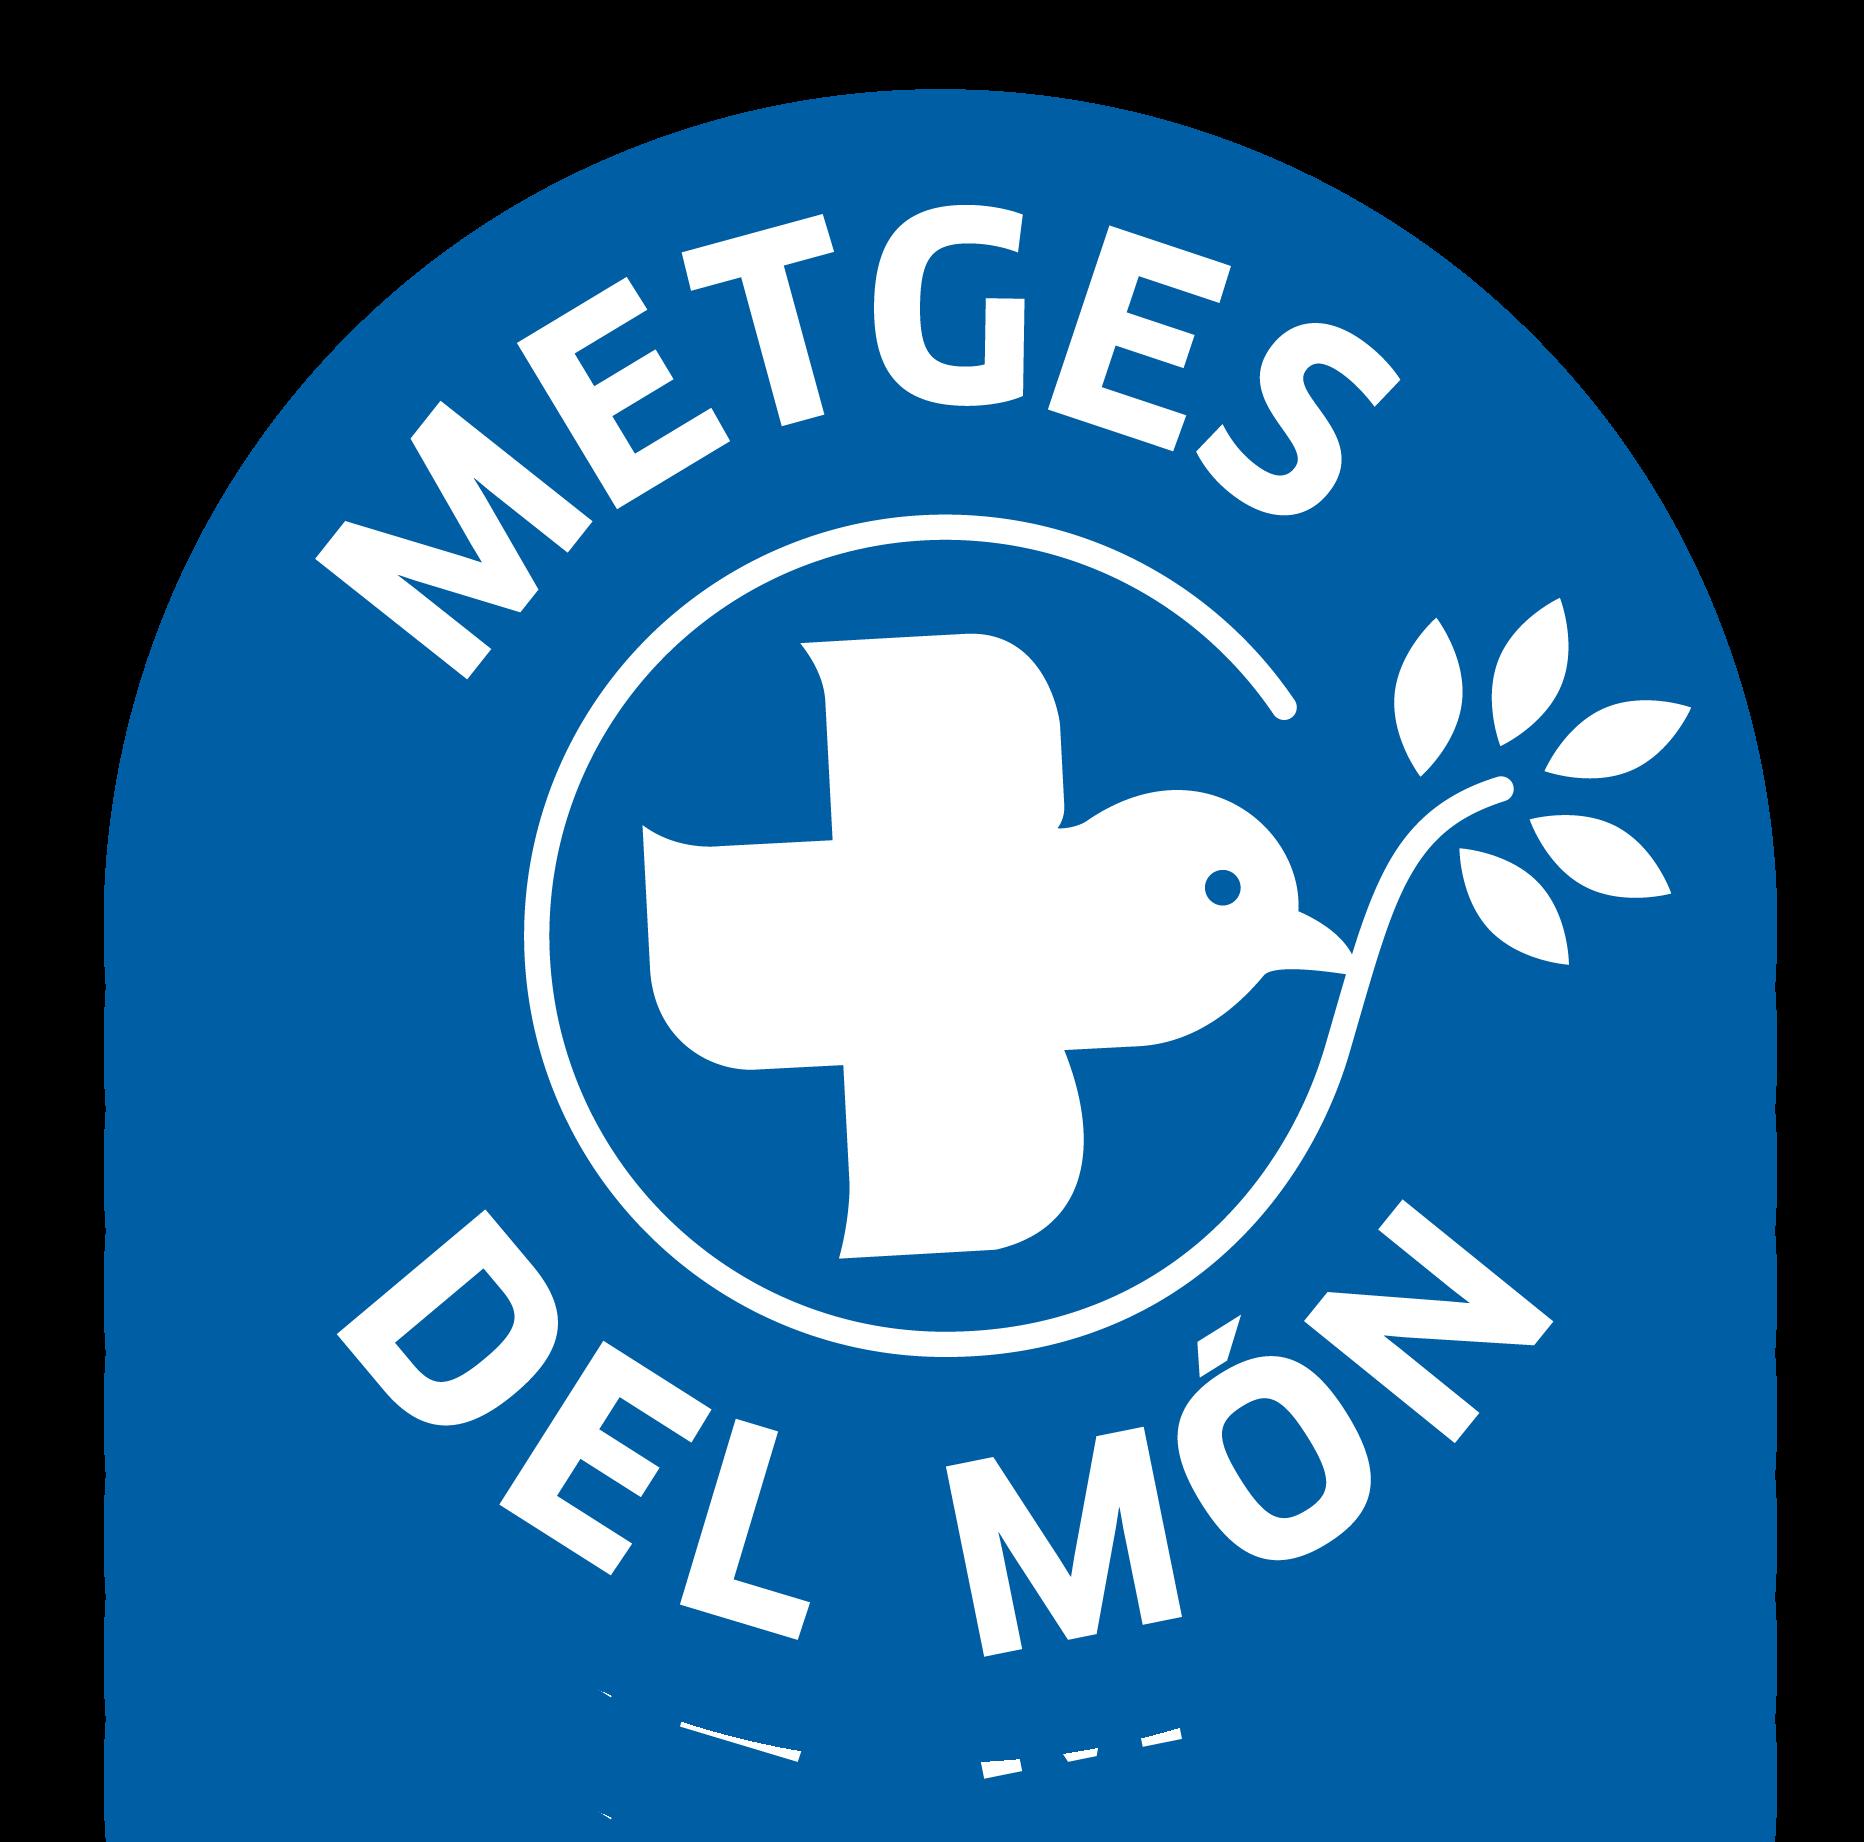 METGES DEL MÓN